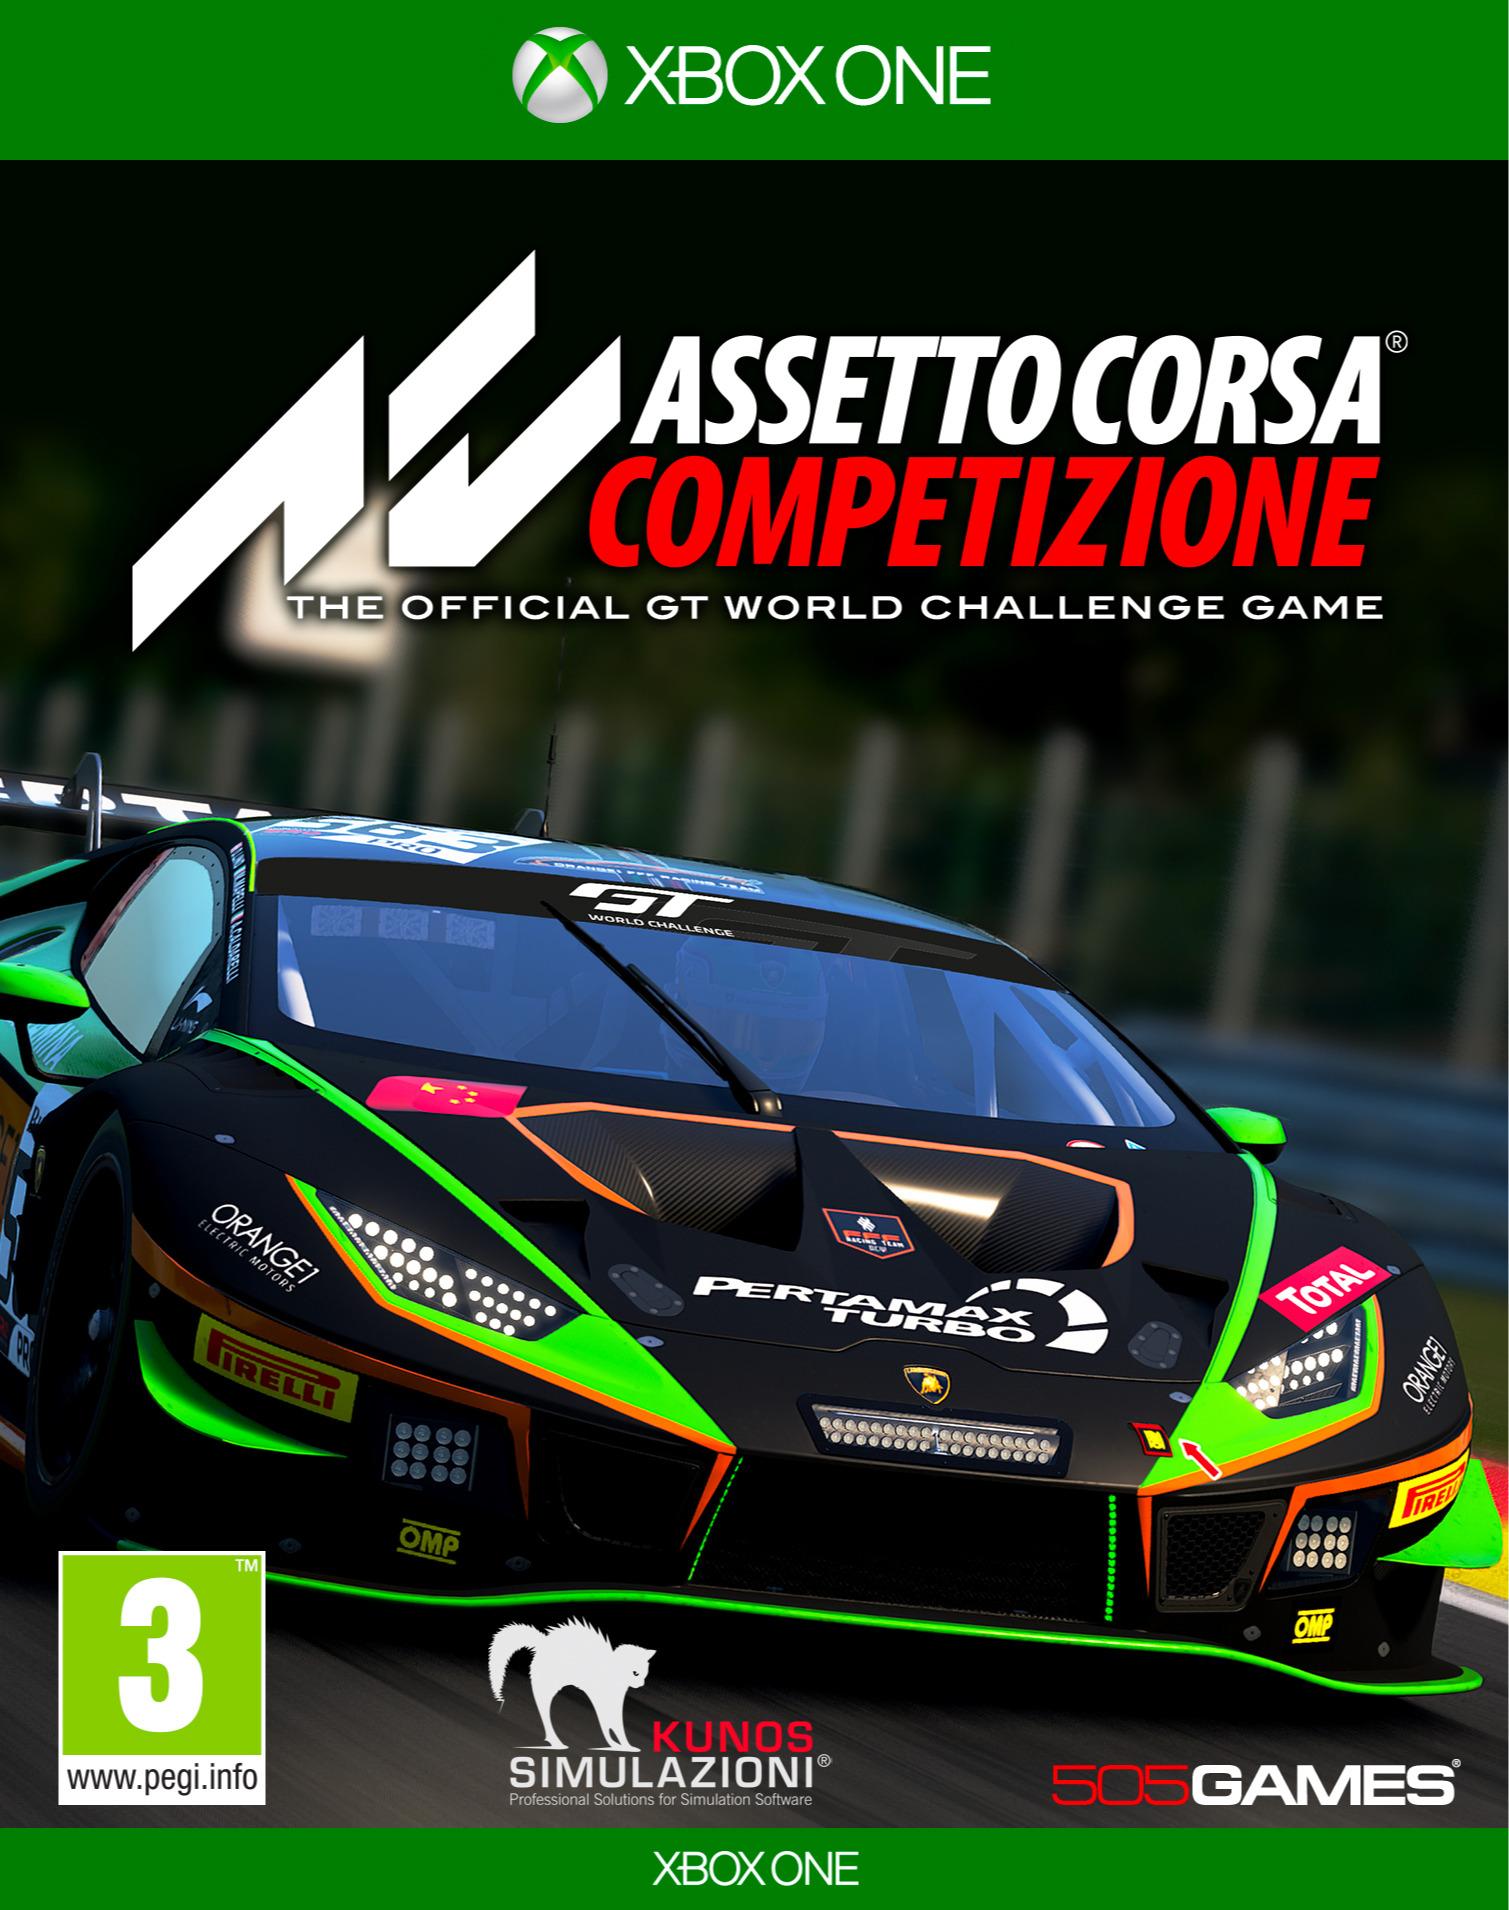 Assetto Corsa Competizione (XONE)